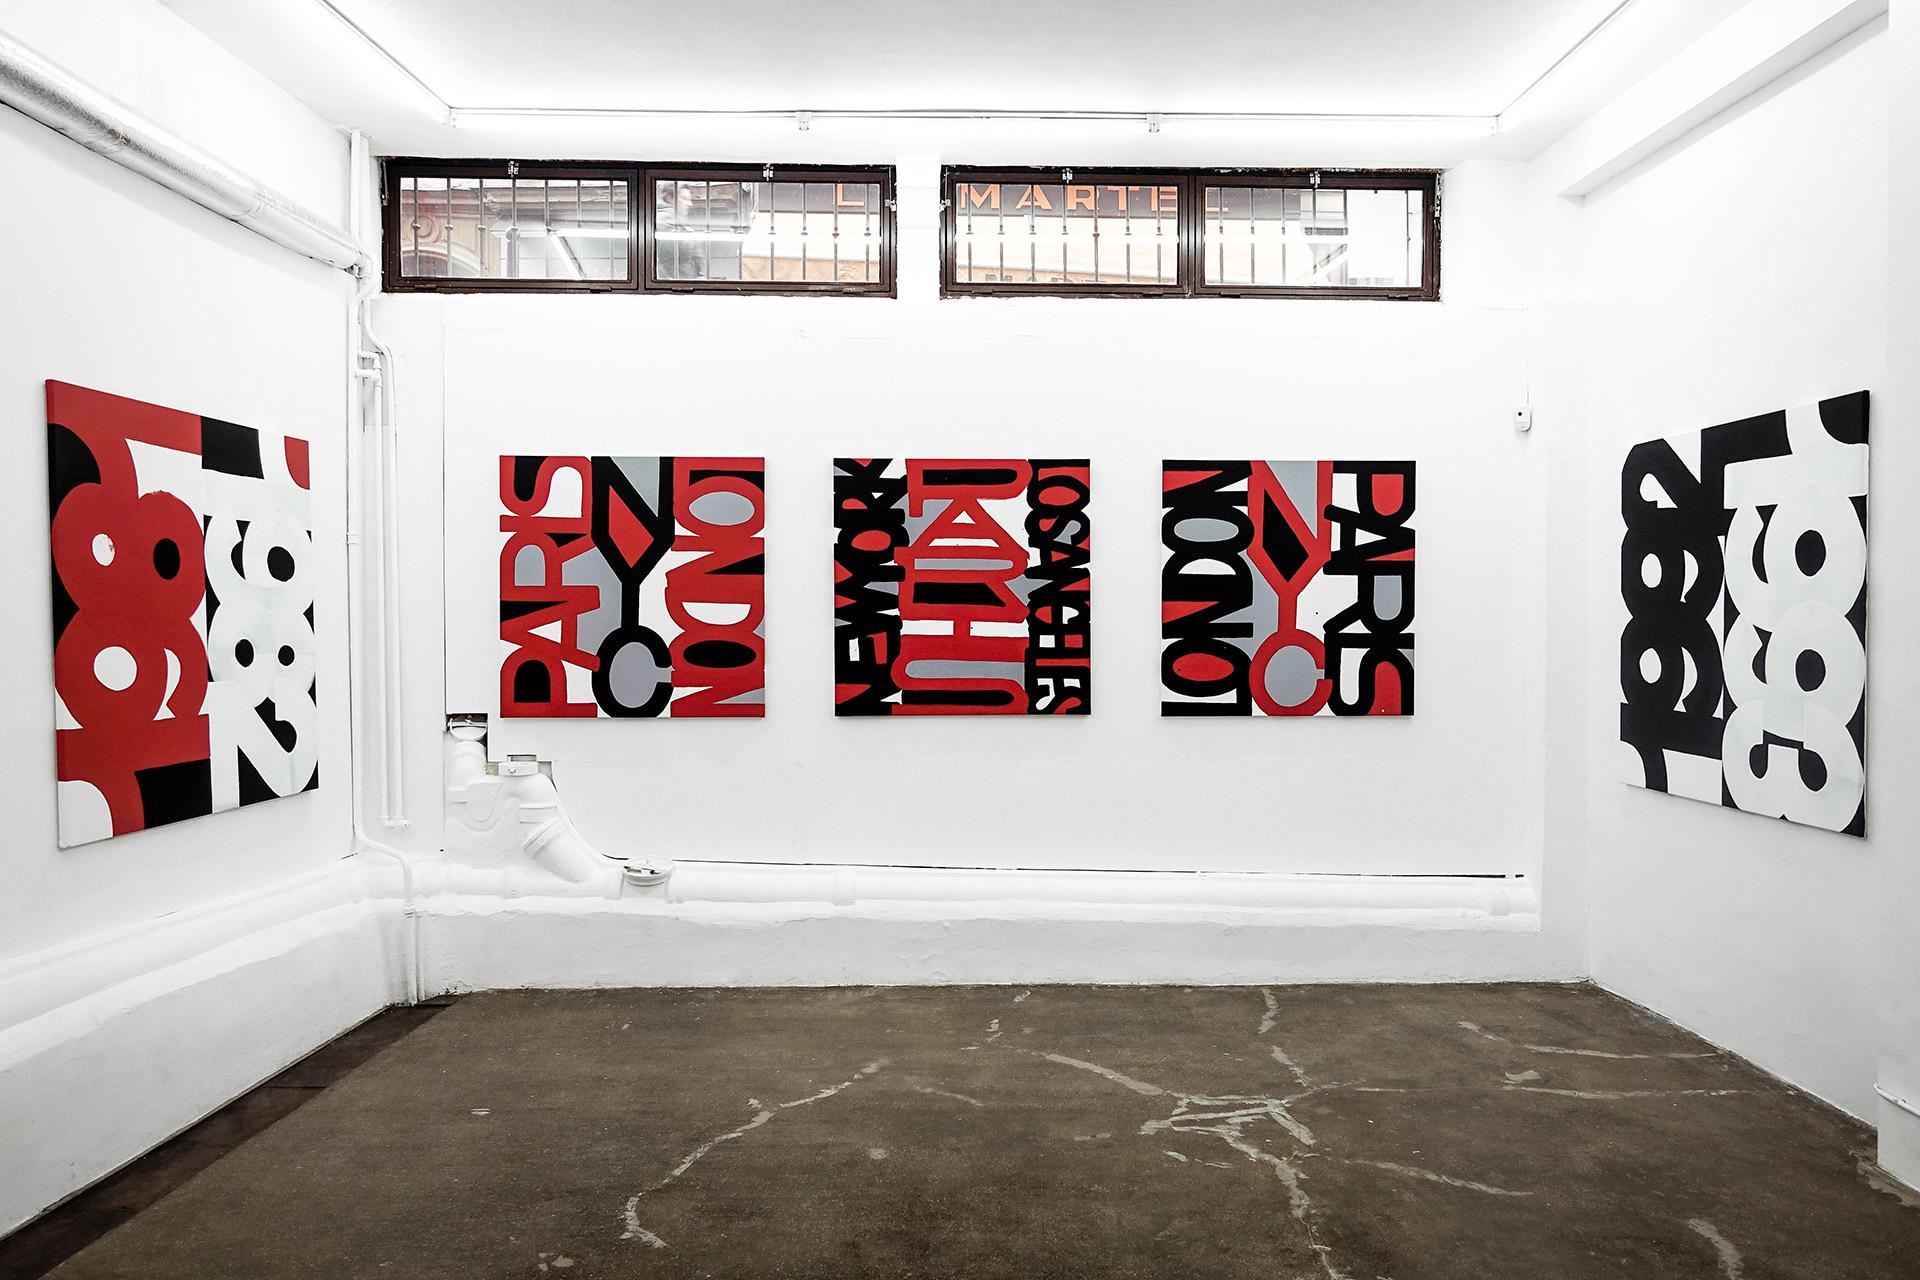 Eric Haze 2015 Reflex Memories room